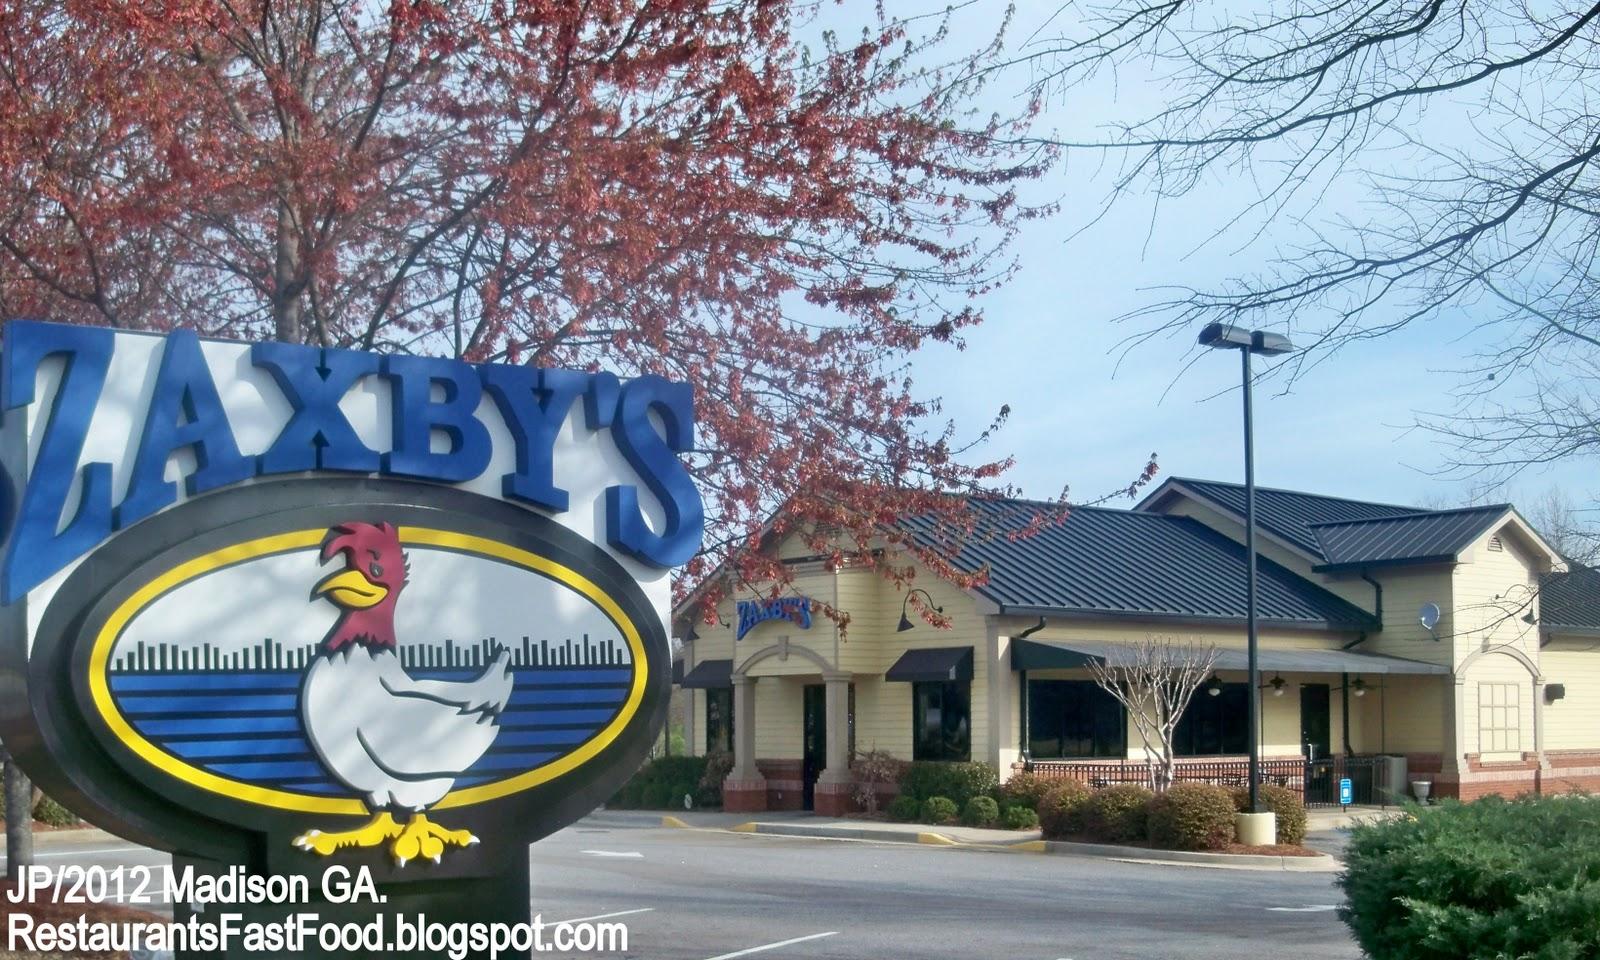 Madison Ga Fast Food